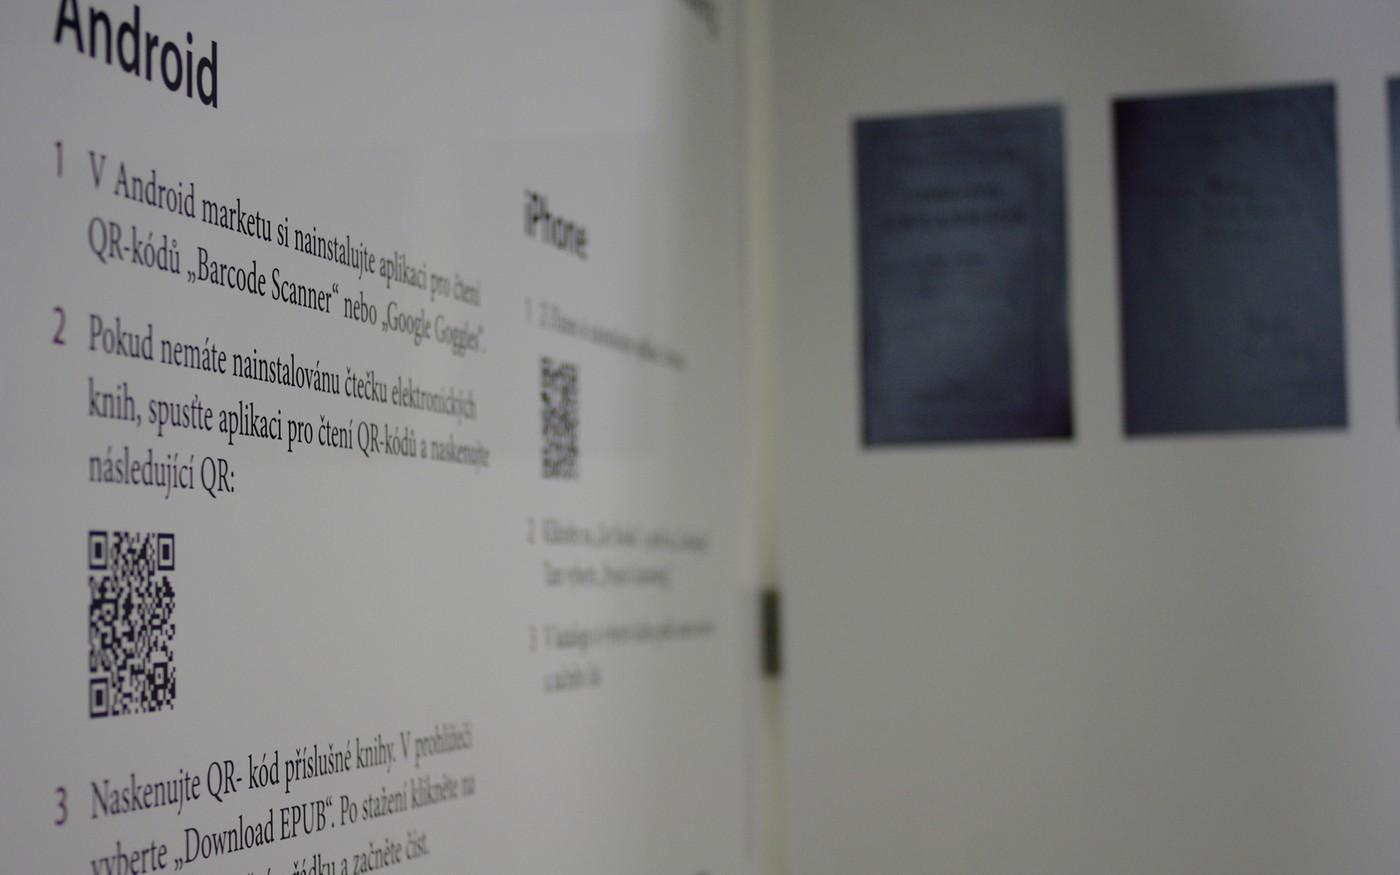 Na výstavě se může návštěvník setkat i s prvky nových médií - naskenováním QR kódu získá doplňující informace